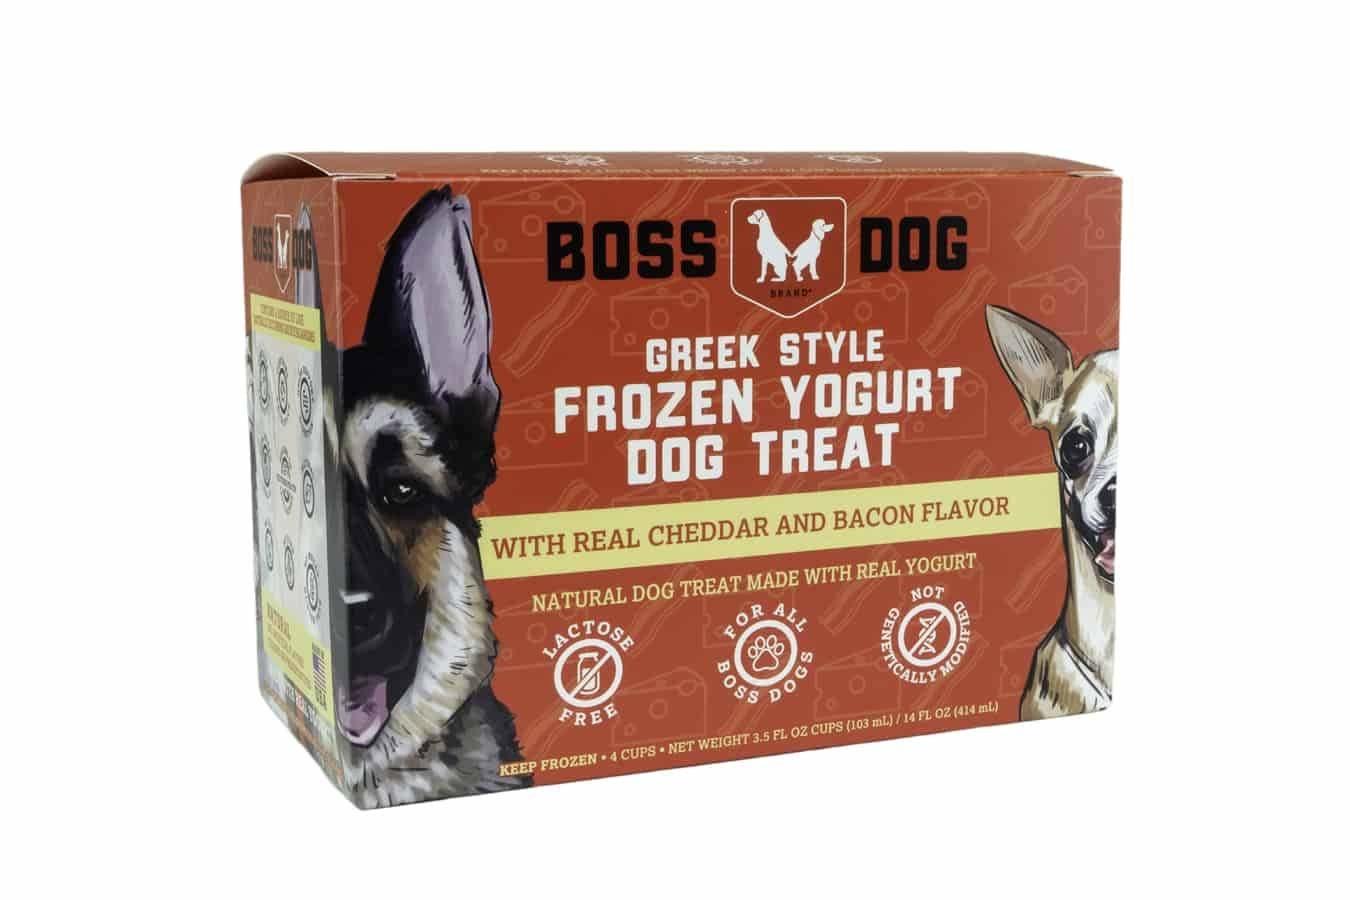 Boss Dog Boss Dog Frozen Yogurt Bacon Cheddar Box